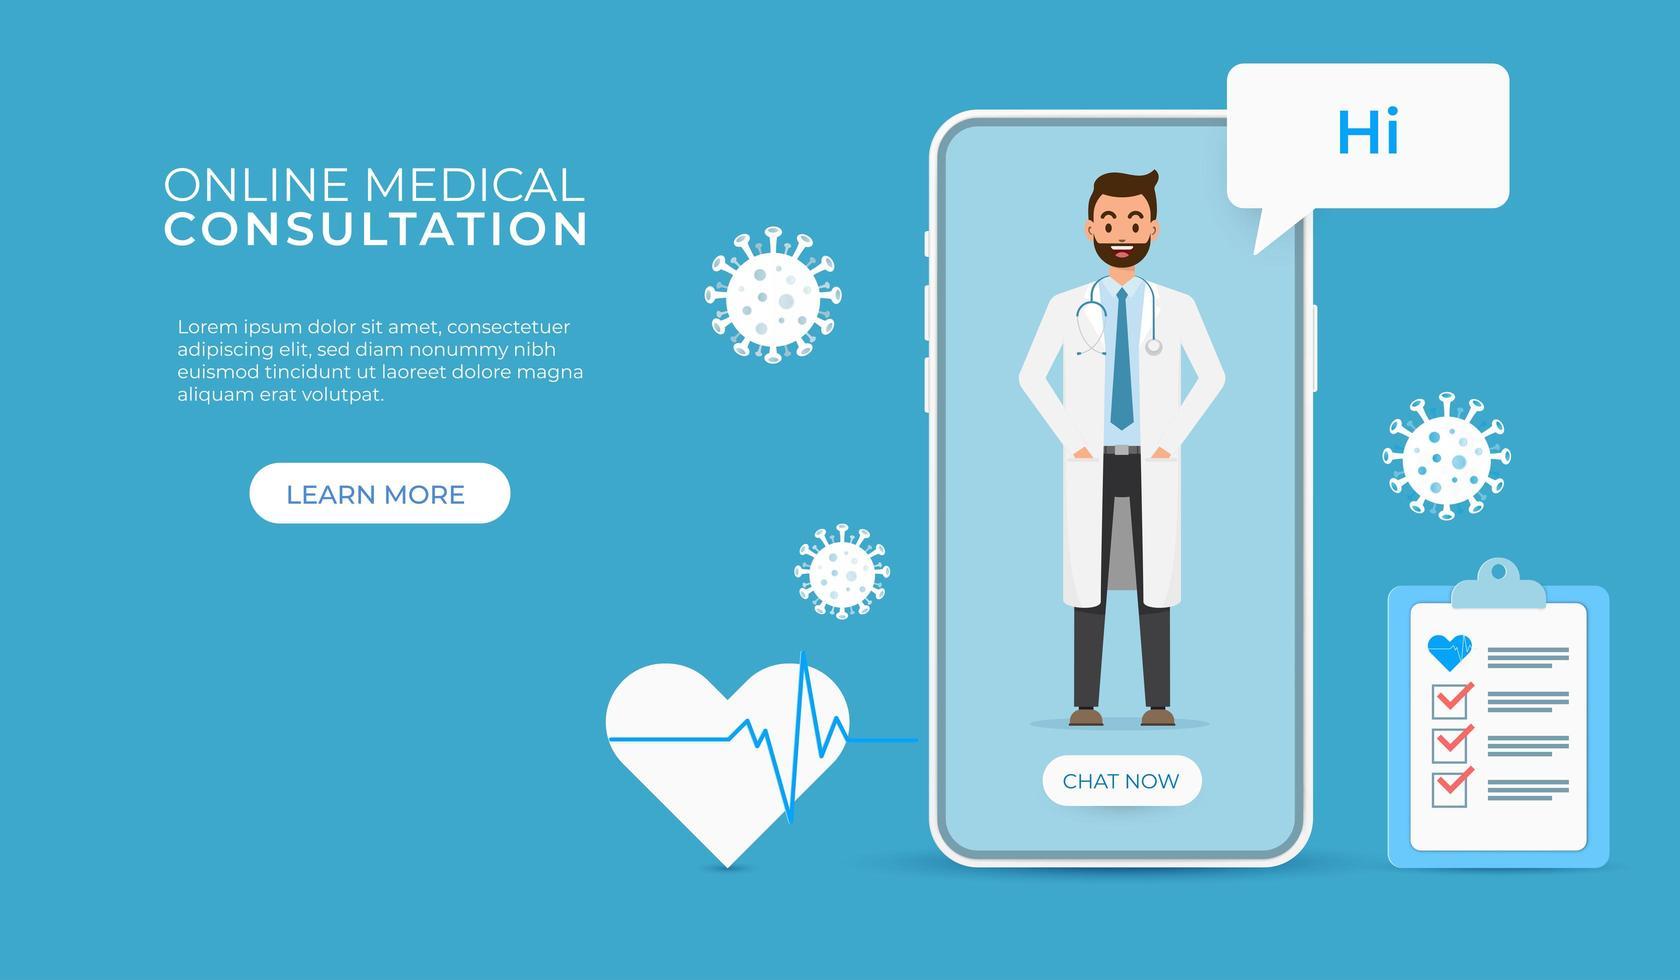 consulta on-line com o conceito de tecnologia de aplicativo móvel de médico vetor